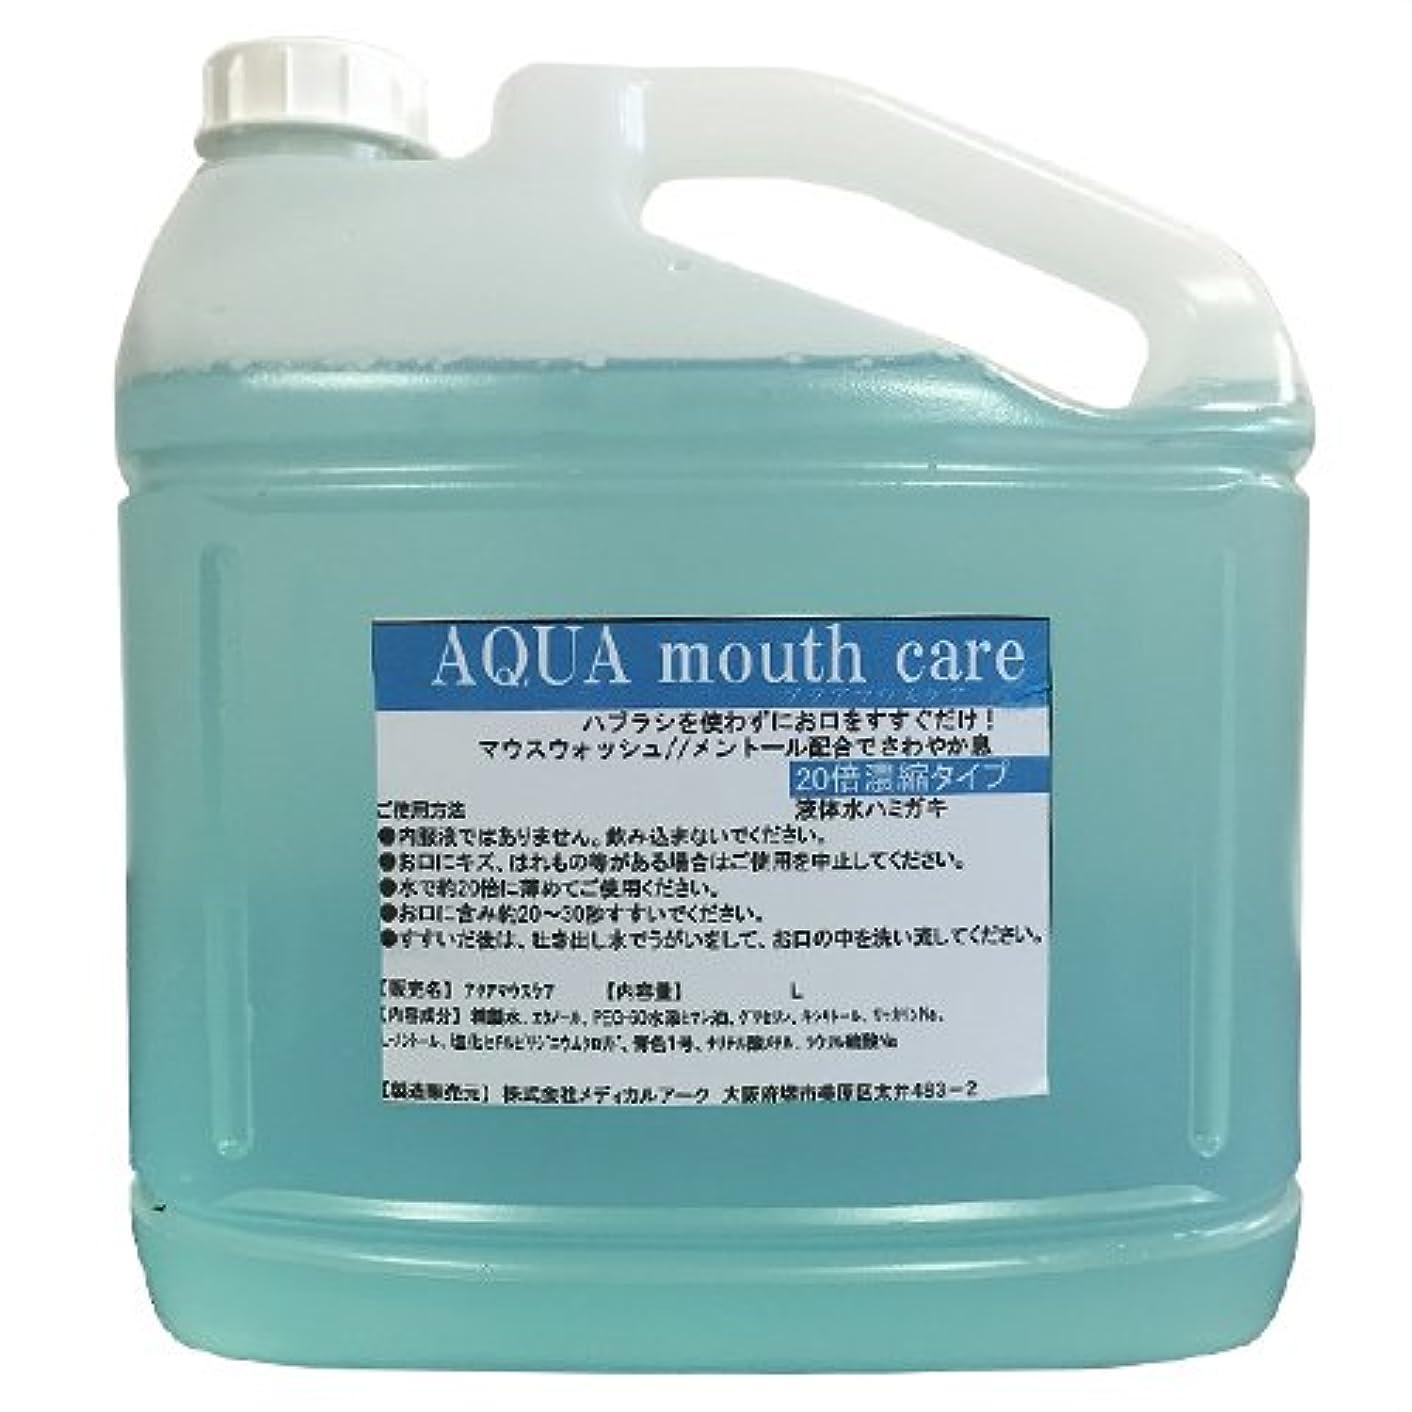 制裁繁雑セント業務用洗口液 マウスウォッシュ アクアマウスケア (AQUA mouth care) 20倍濃縮タイプ 5L (詰め替えコック付き)